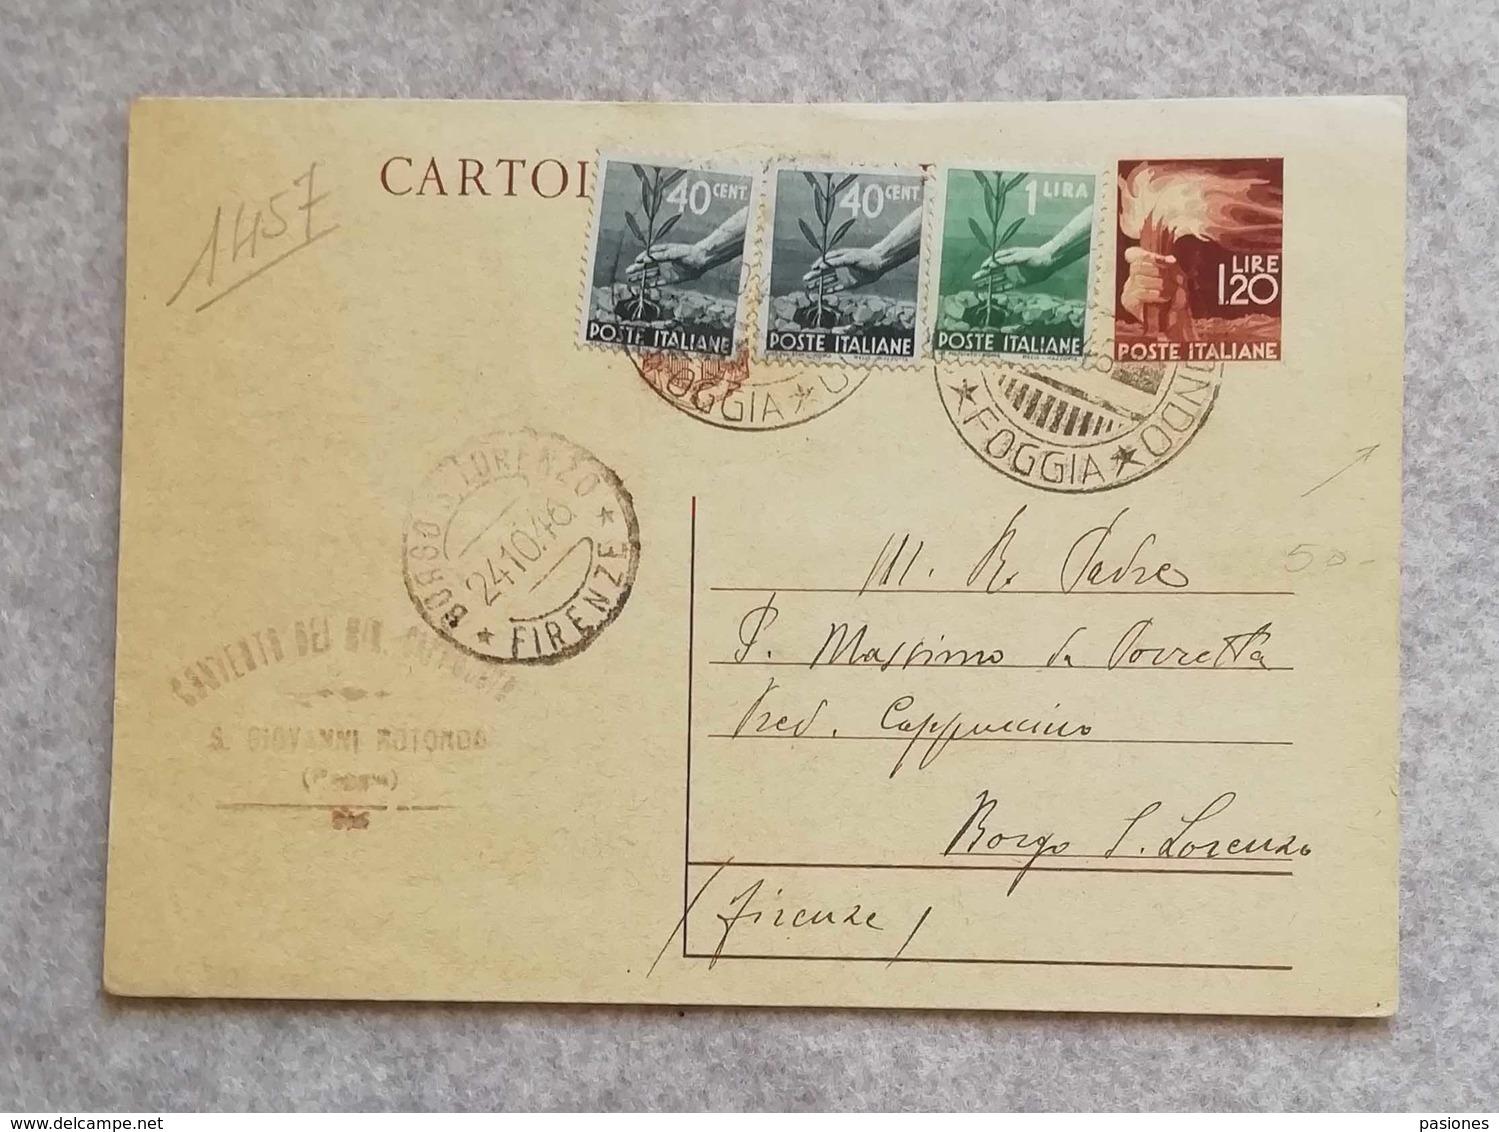 Cartolina Postale 01/1945 Da L.1,20 Da San Giovanni Rotondo Per Borgo S. Lorenzo 20/10/1946 Con Affrancatura Aggiuntiva - Marcofilía